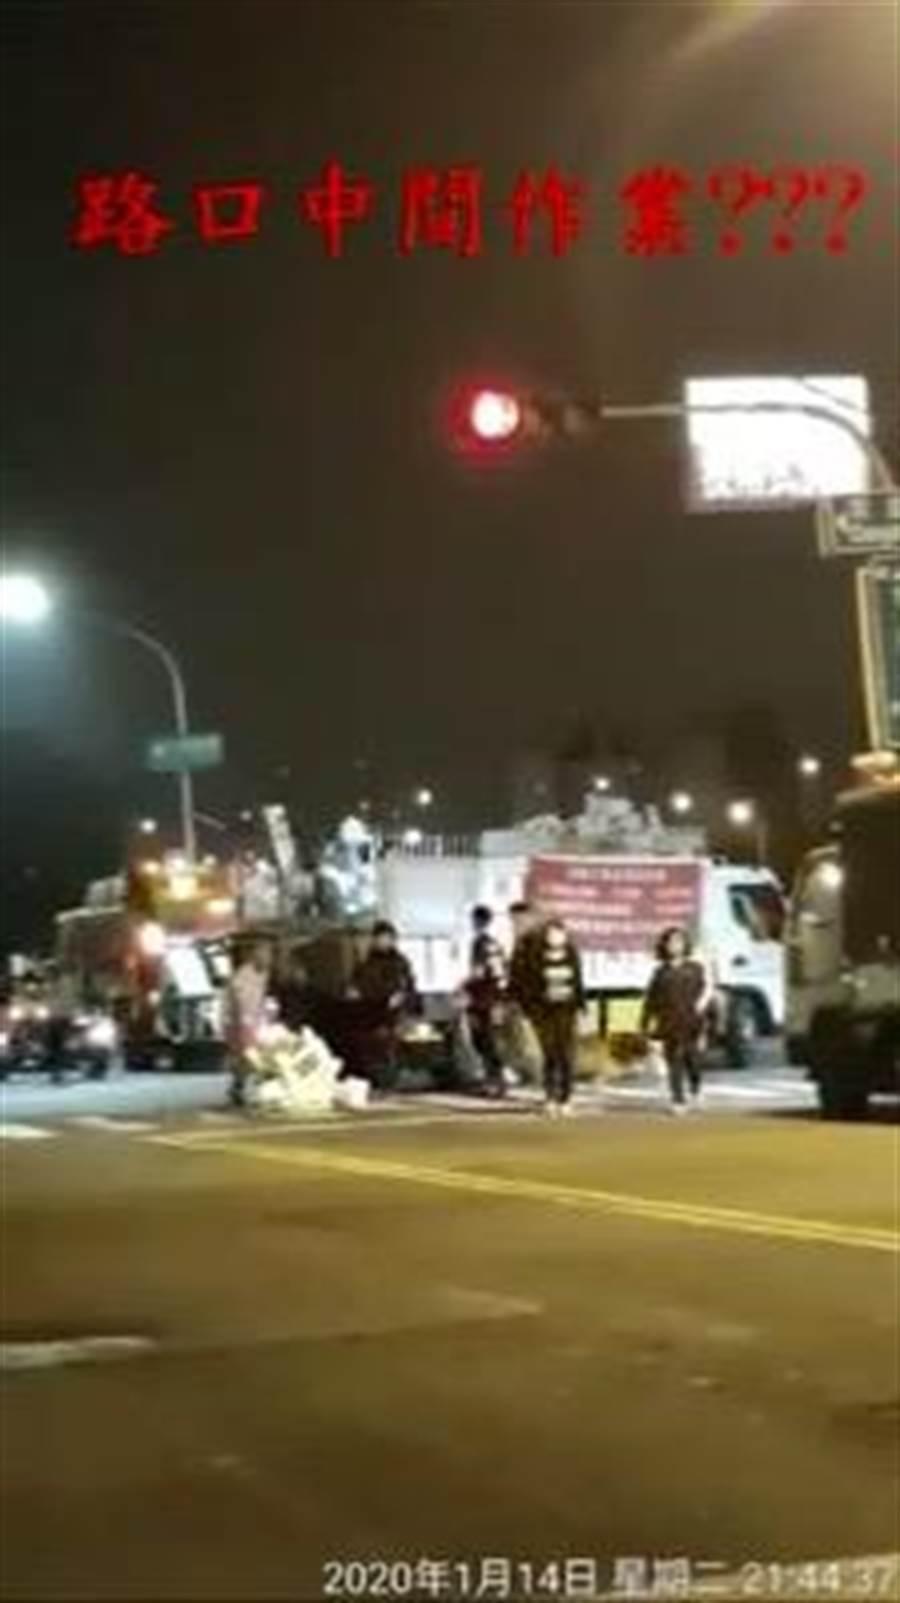 民眾不滿高市楠梓區清潔隊回收車值勤時闖紅燈,又霸占半條路,錄影存證並PO上臉書「爆料公社」。(圖取自爆料公社)